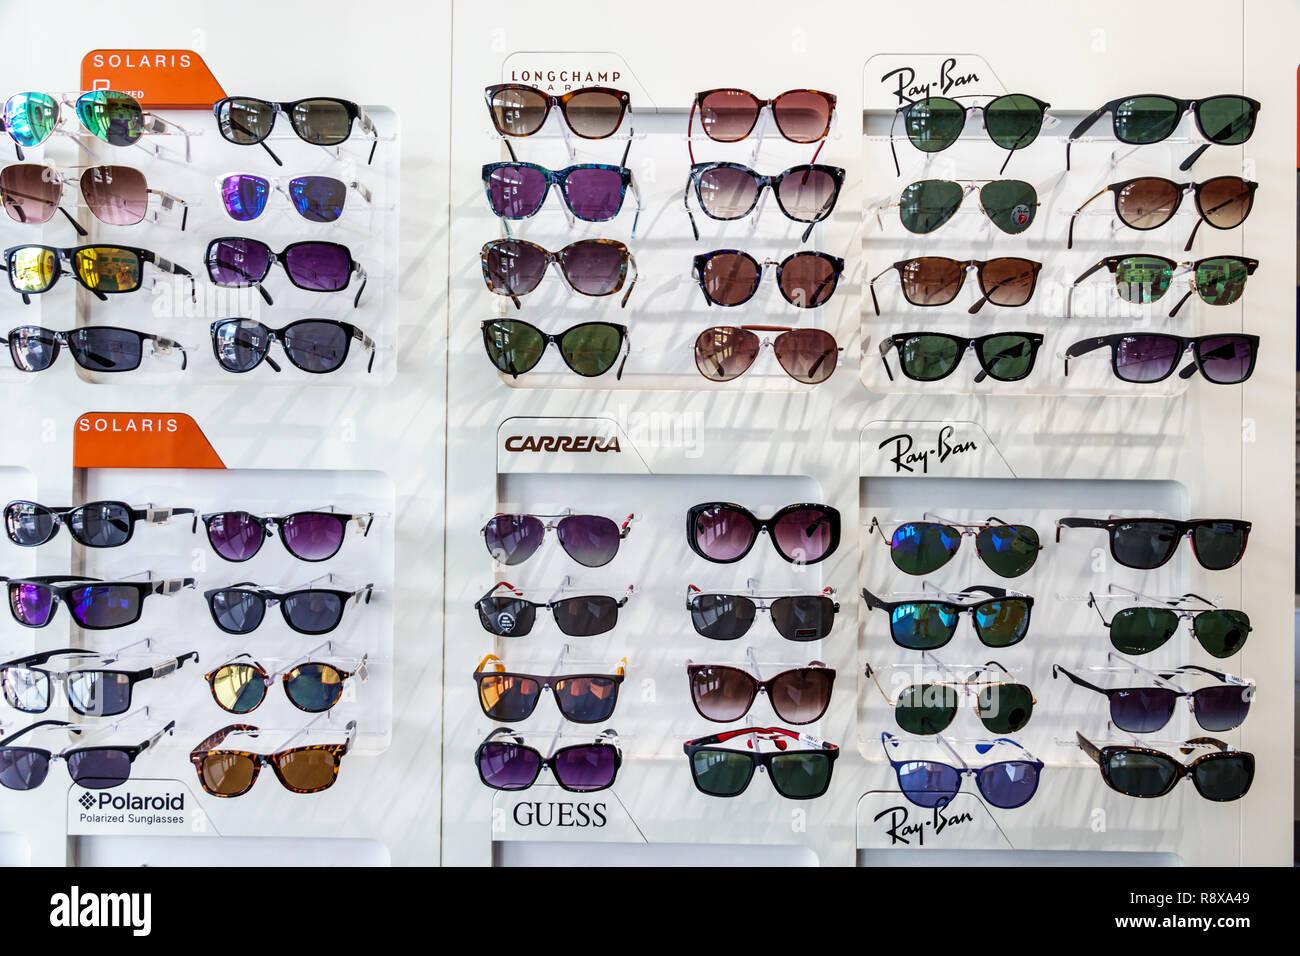 bfabd143c Miami Beach Florida ottico all'ottico optometrista business store display occhiali  vendita moda Solaris Longchamp CARRERA Occhiali da sole Ray-Ban telai